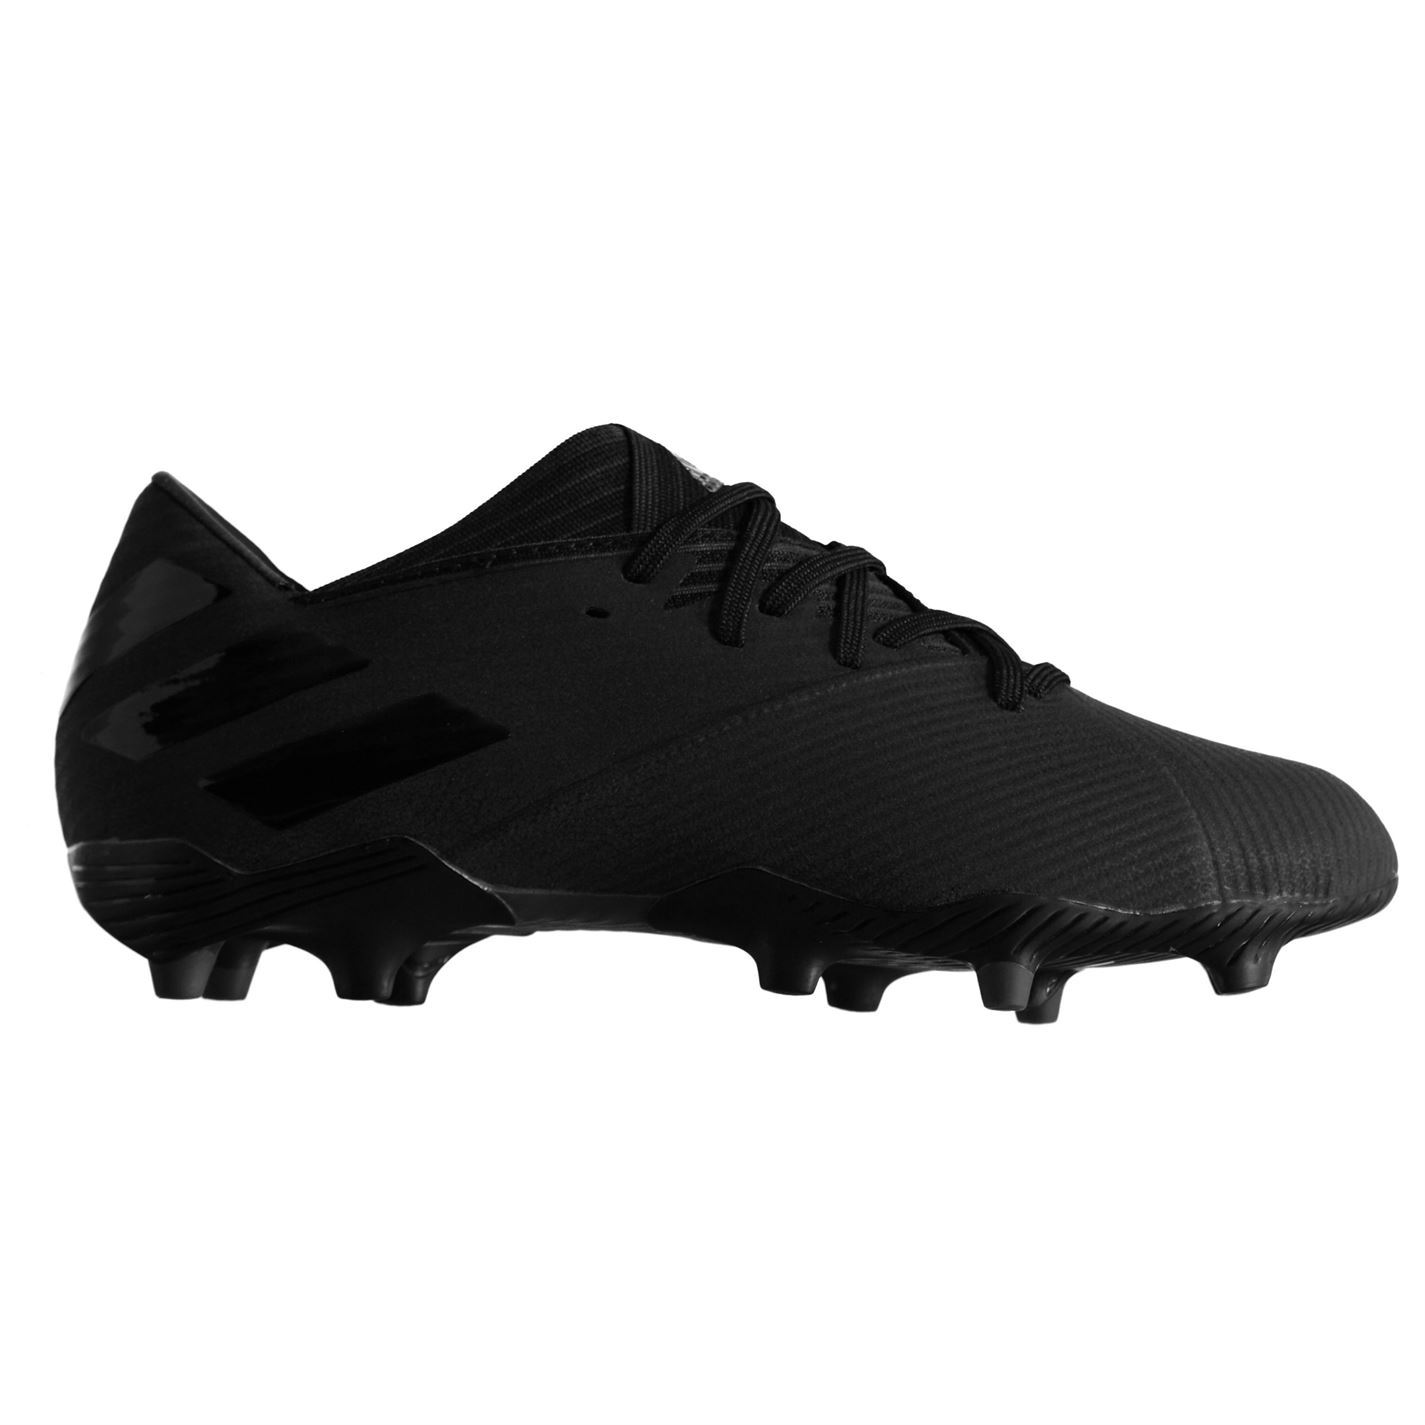 Adidas-nemeziz-19-2-Firm-Ground-FG-Chaussures-De-Football-Hommes-Soccer-Crampons-Chaussures miniature 9